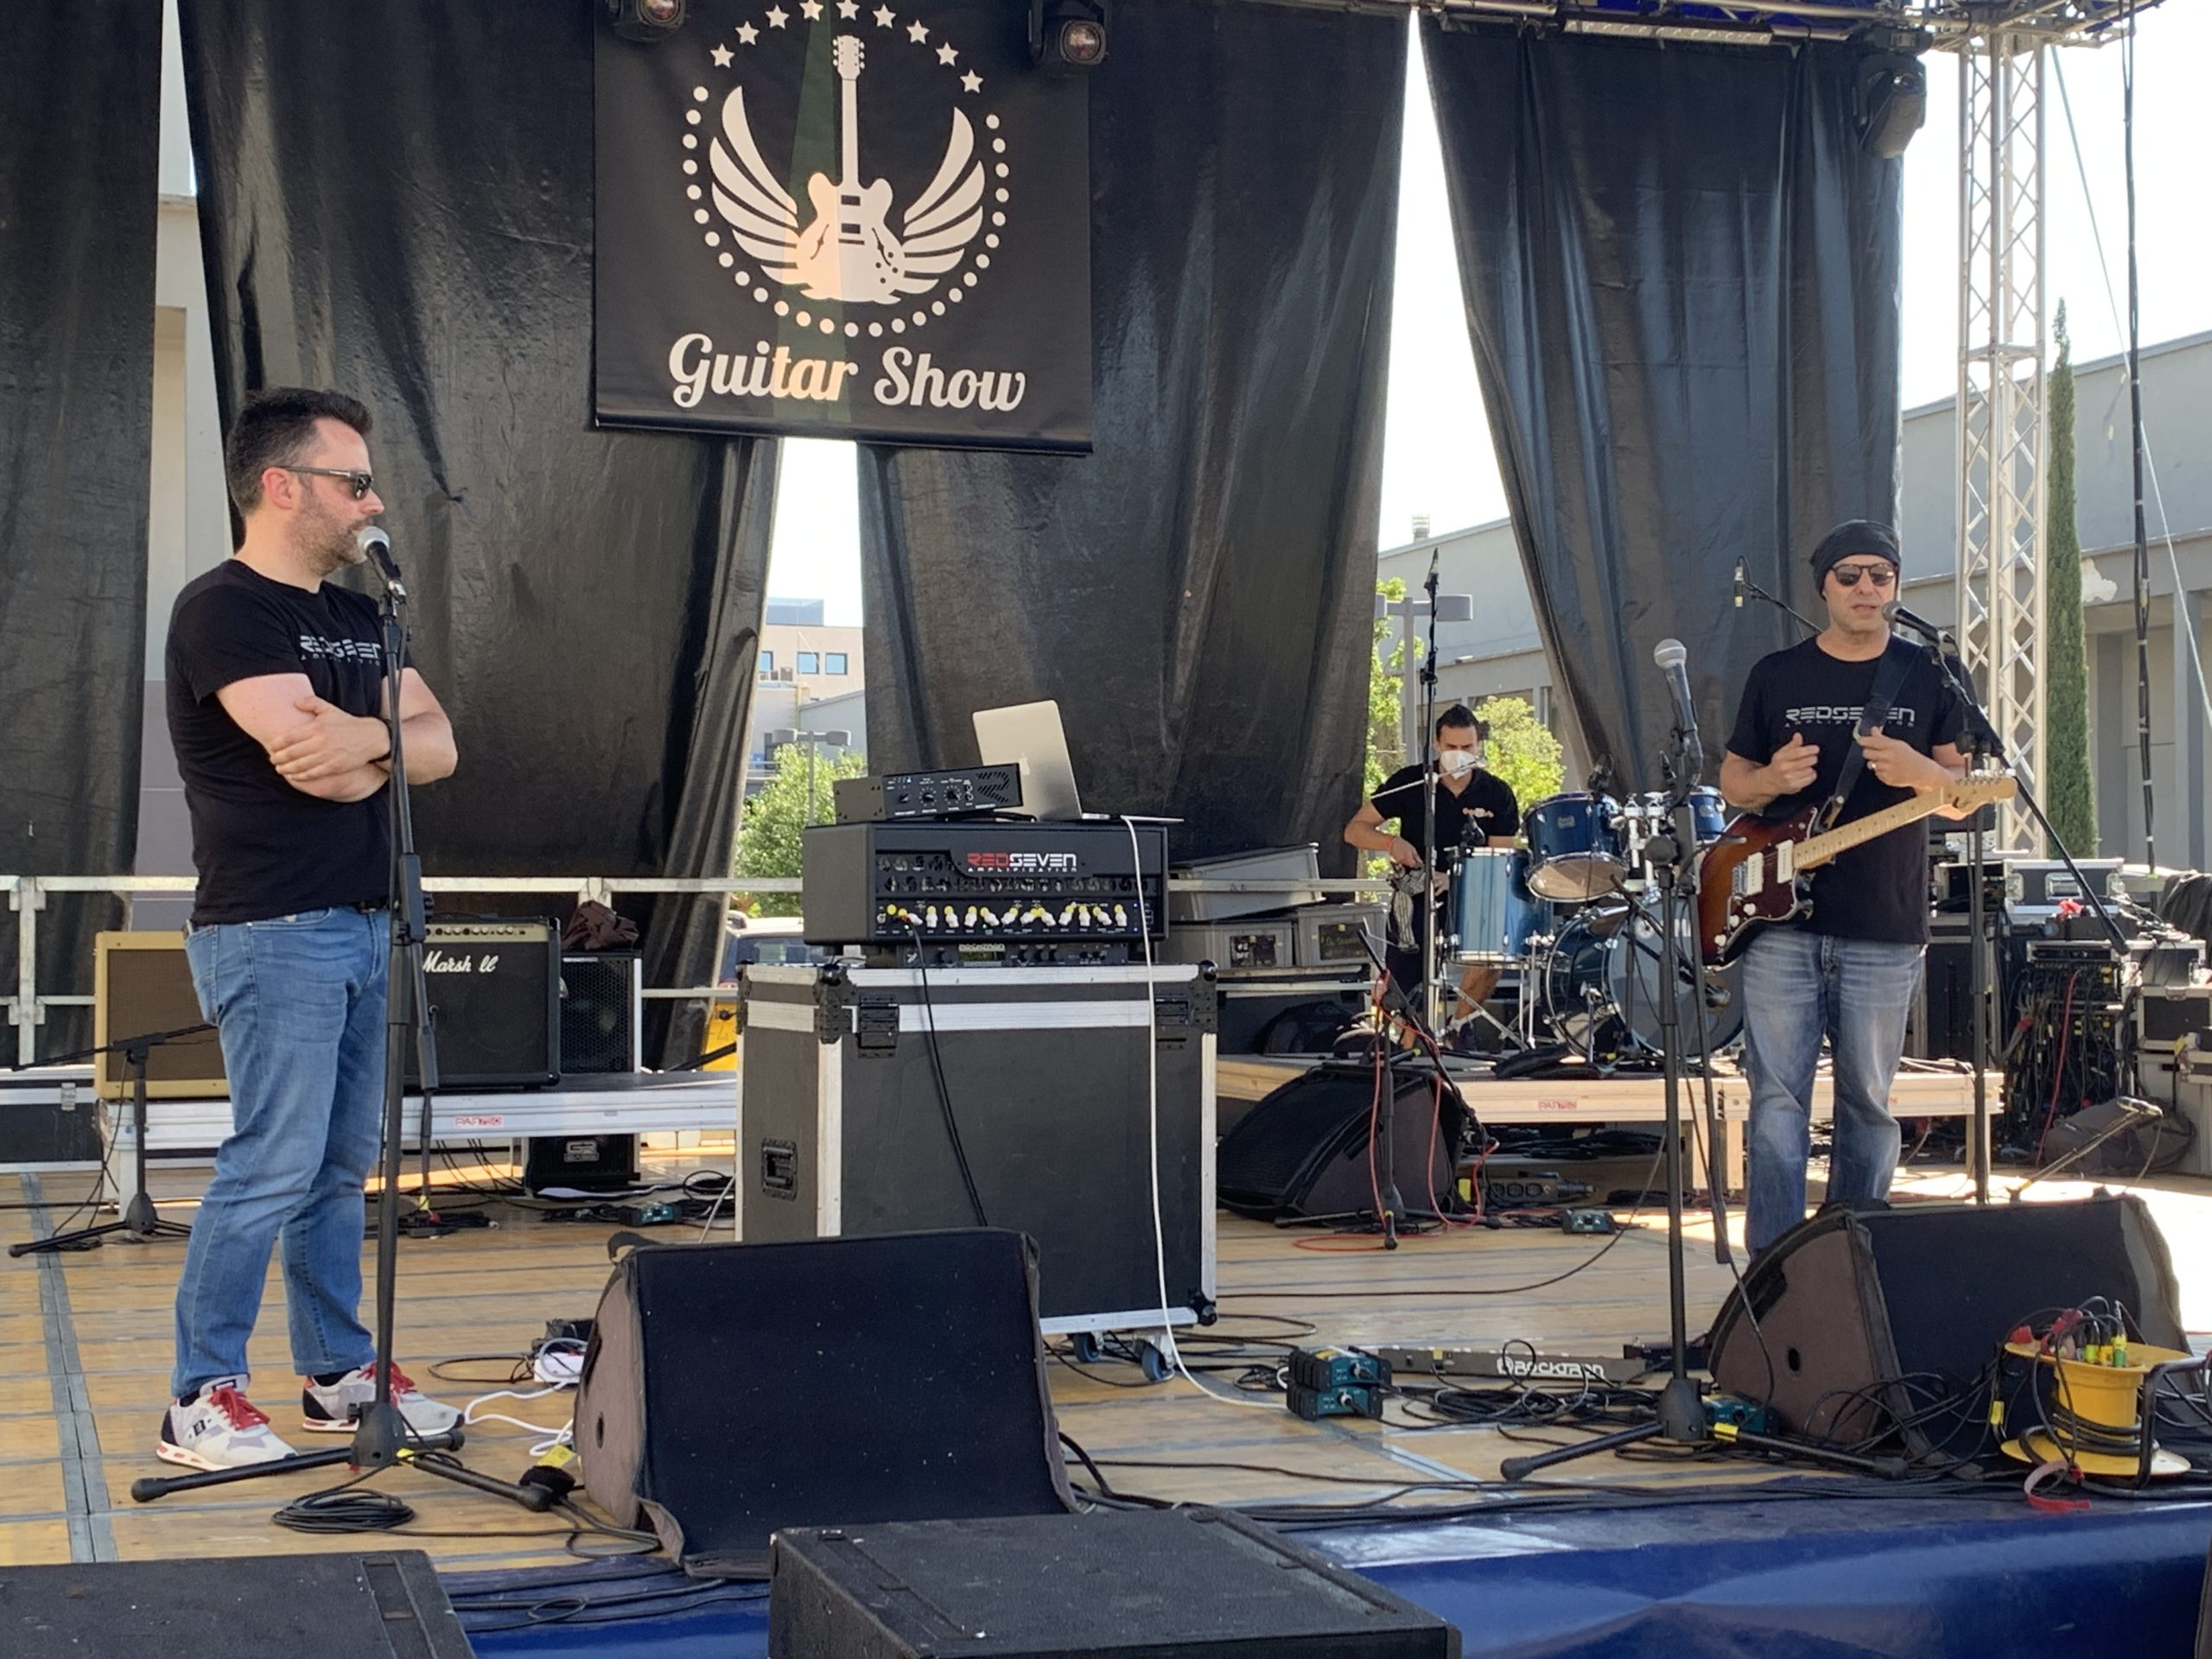 Guitar Show Italie, première journée du salon de la guitare de Padoue